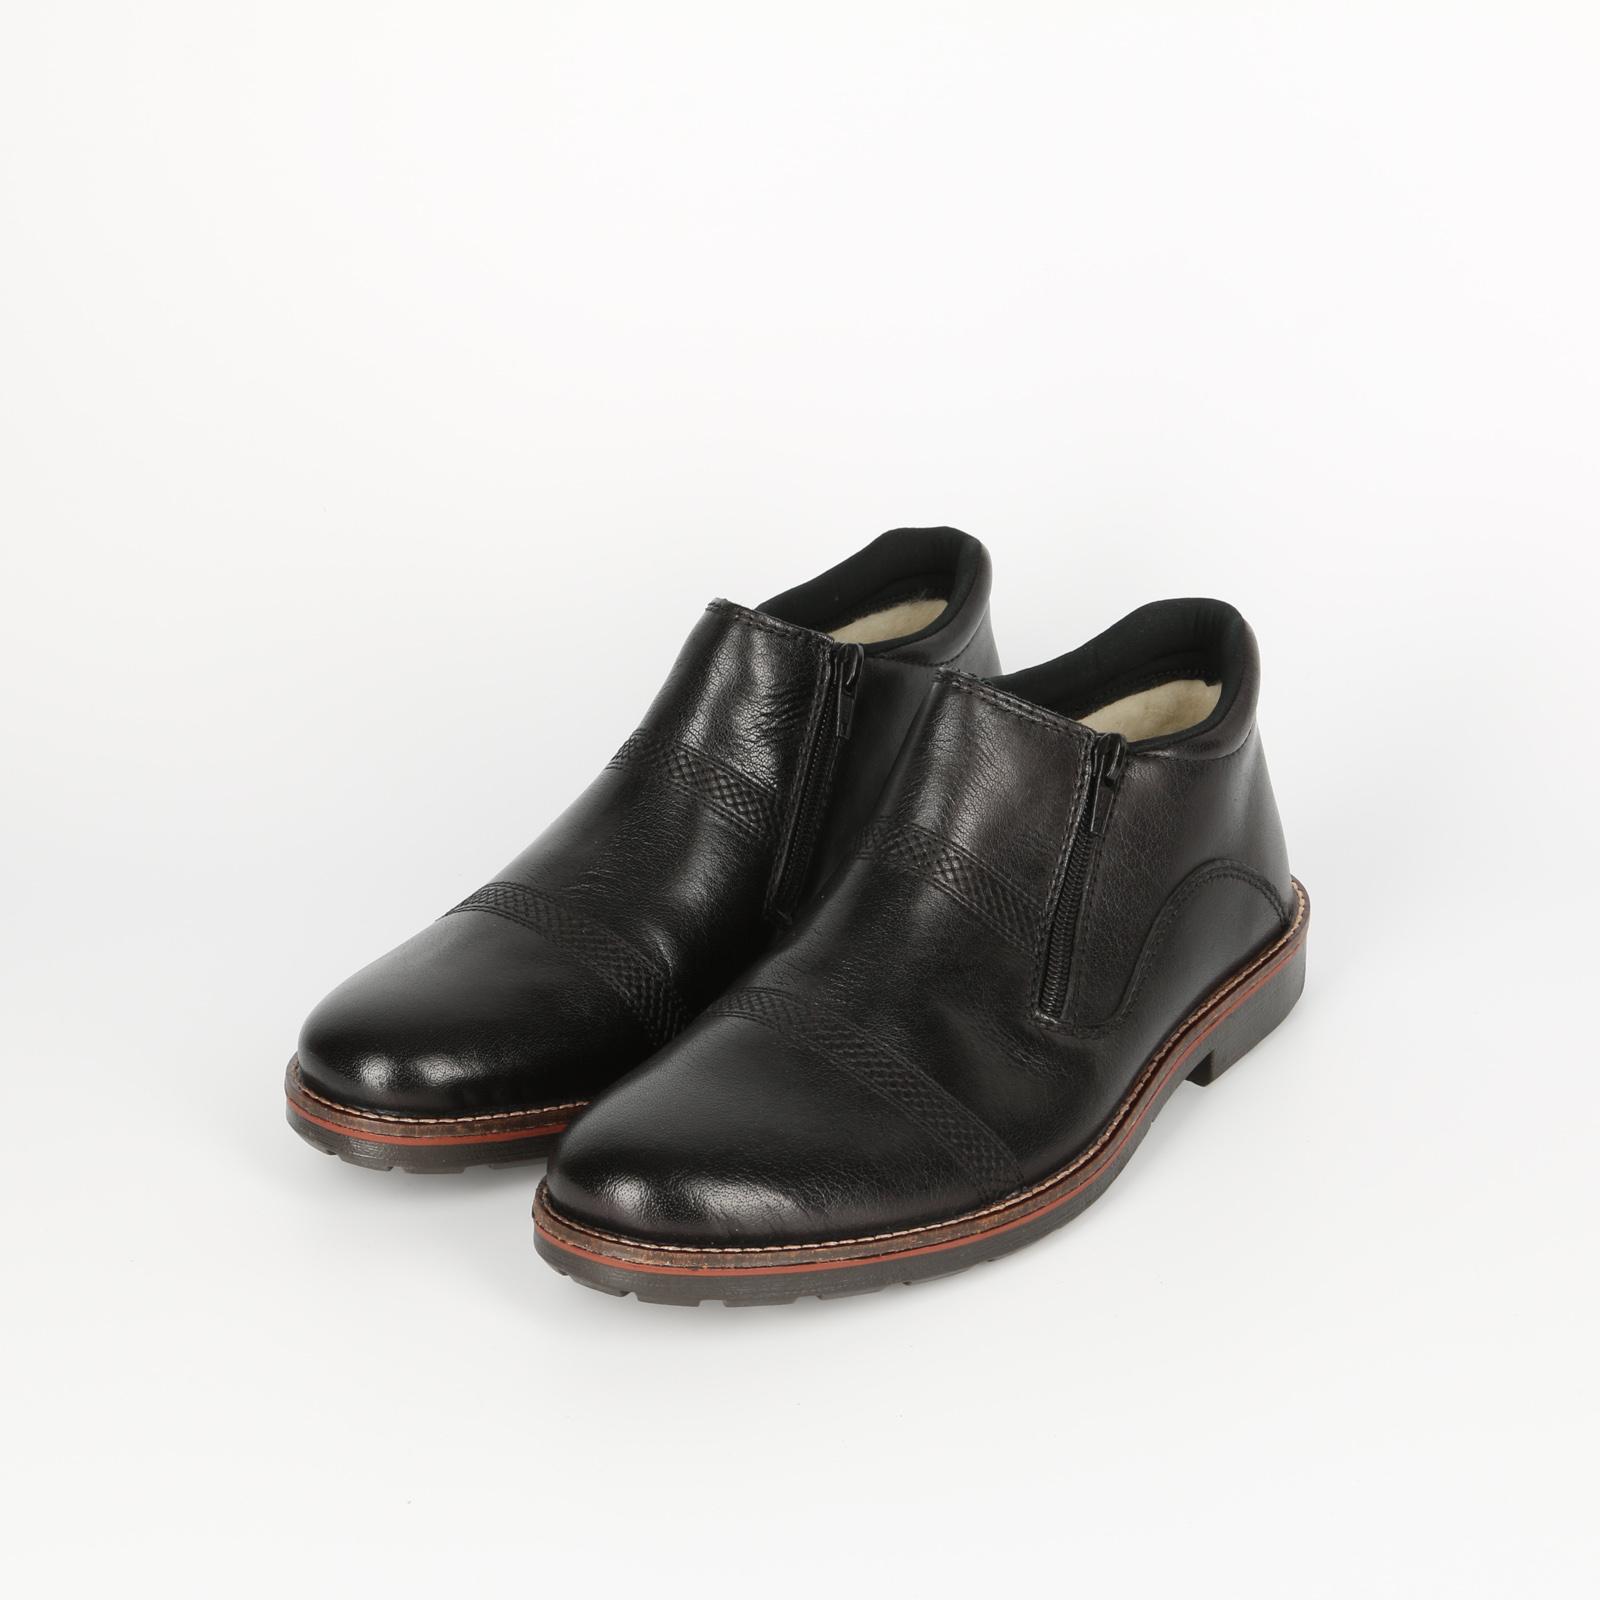 Ботинки мужские с декоративными полосками